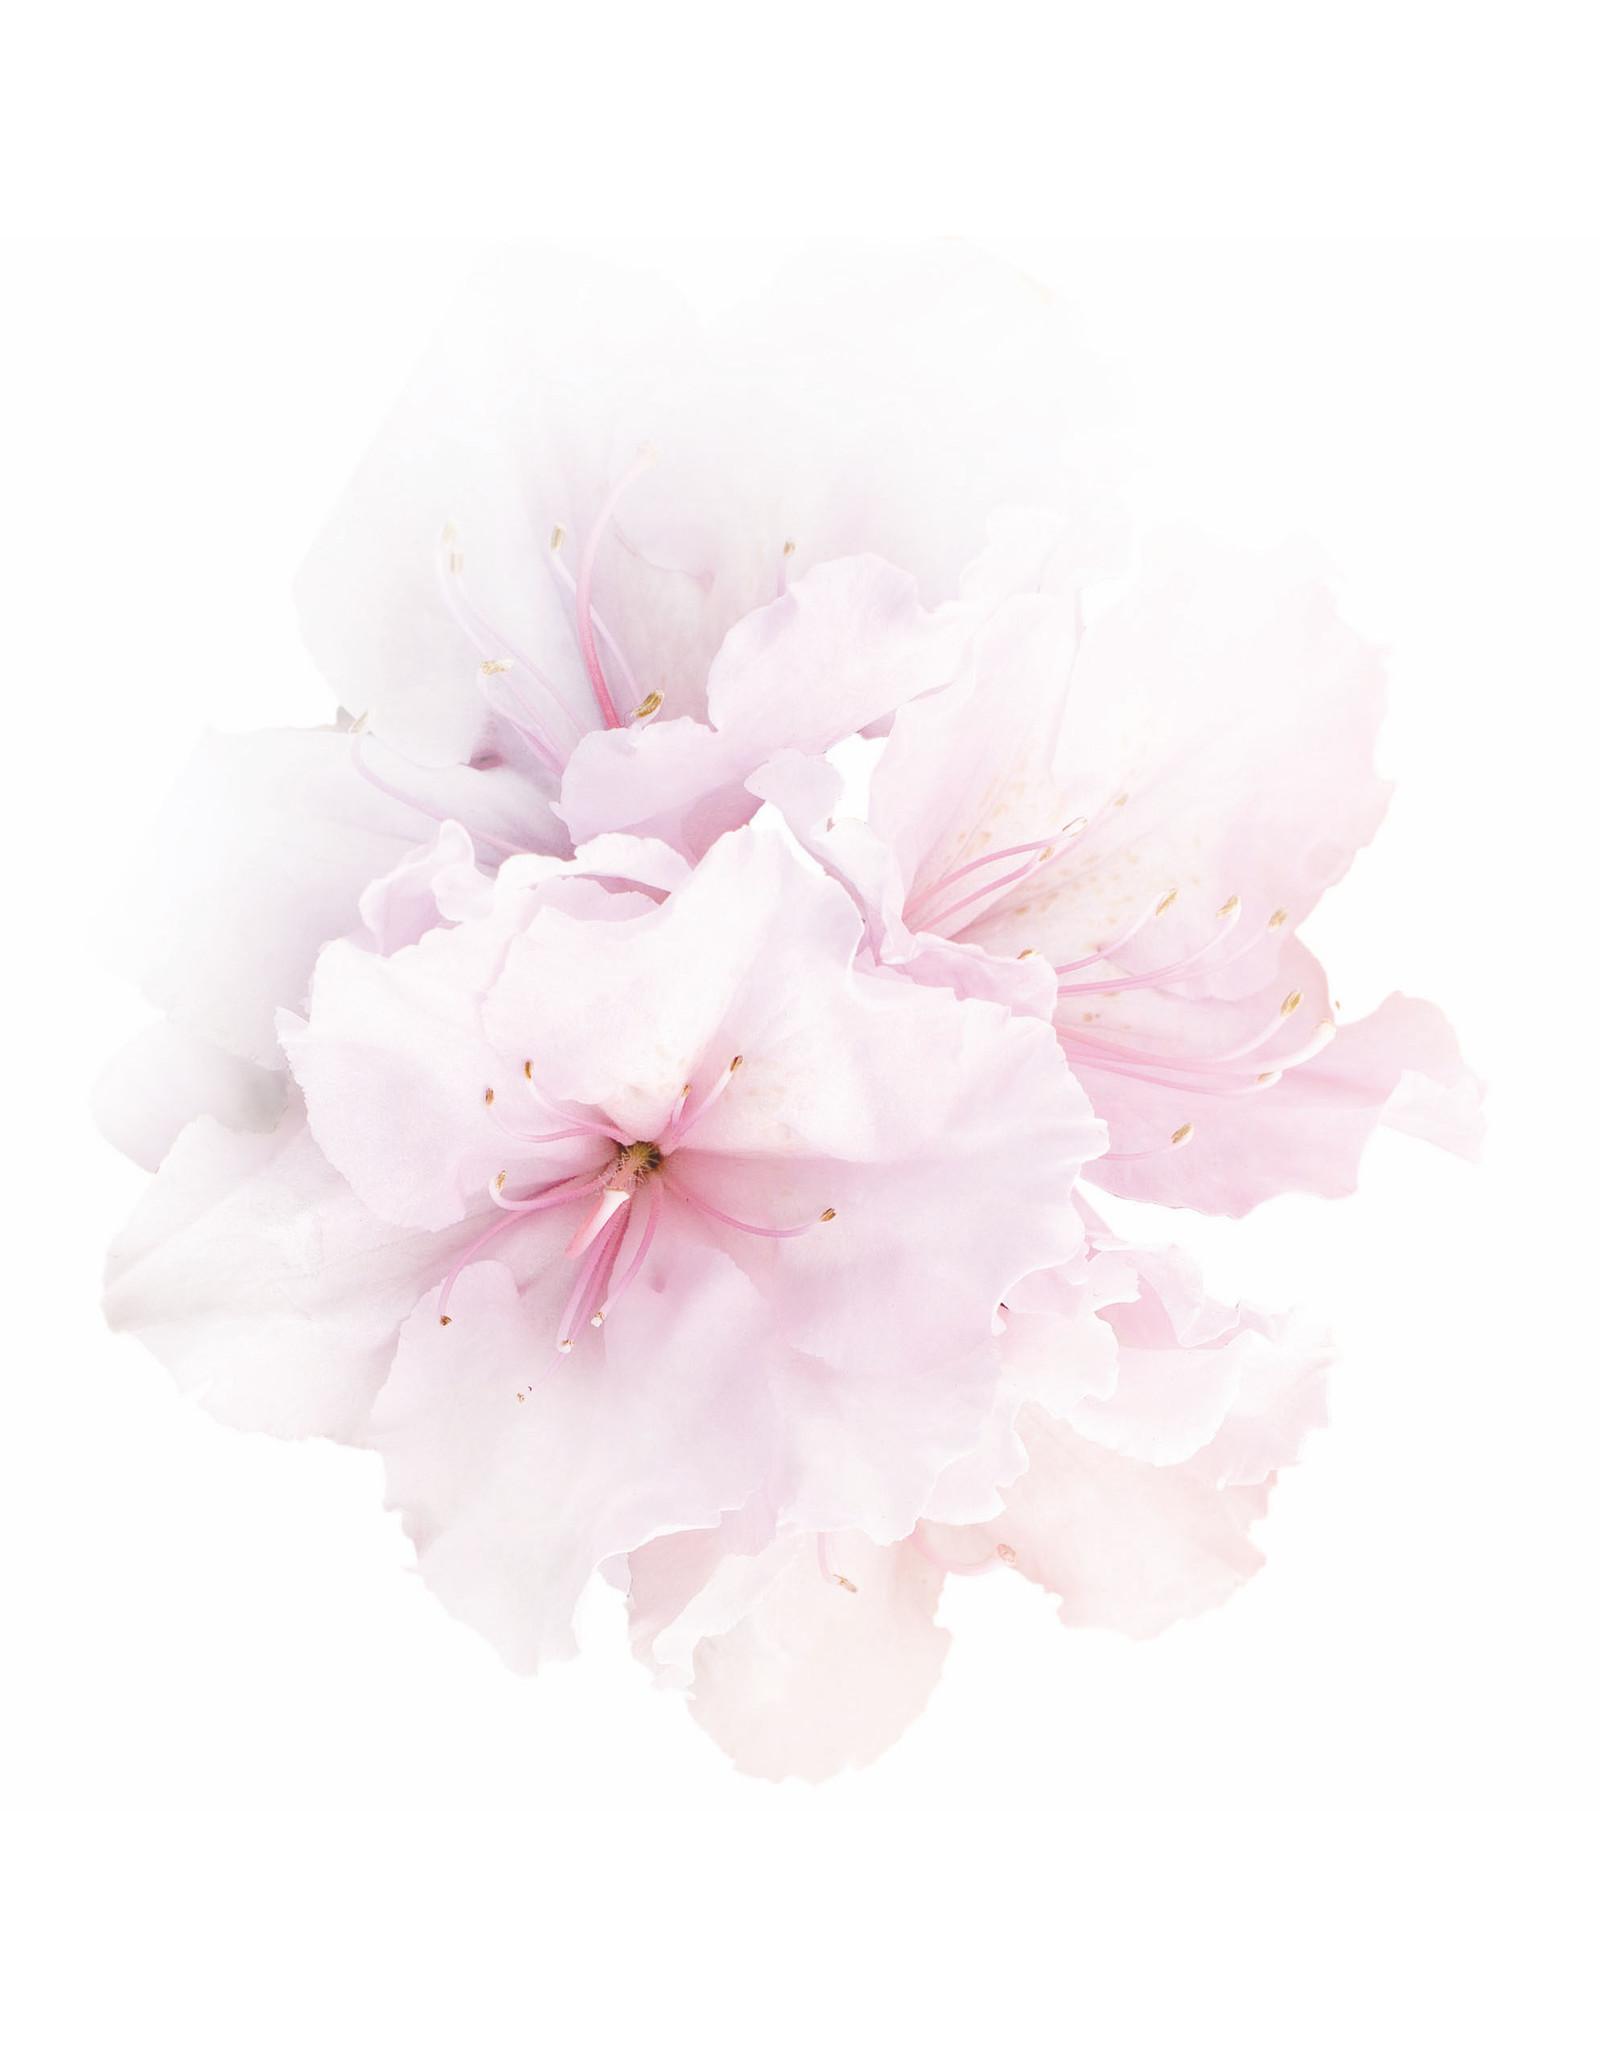 SOTHYS Gommage ressourcant - Fleur de cerisier et lotus - Sothys